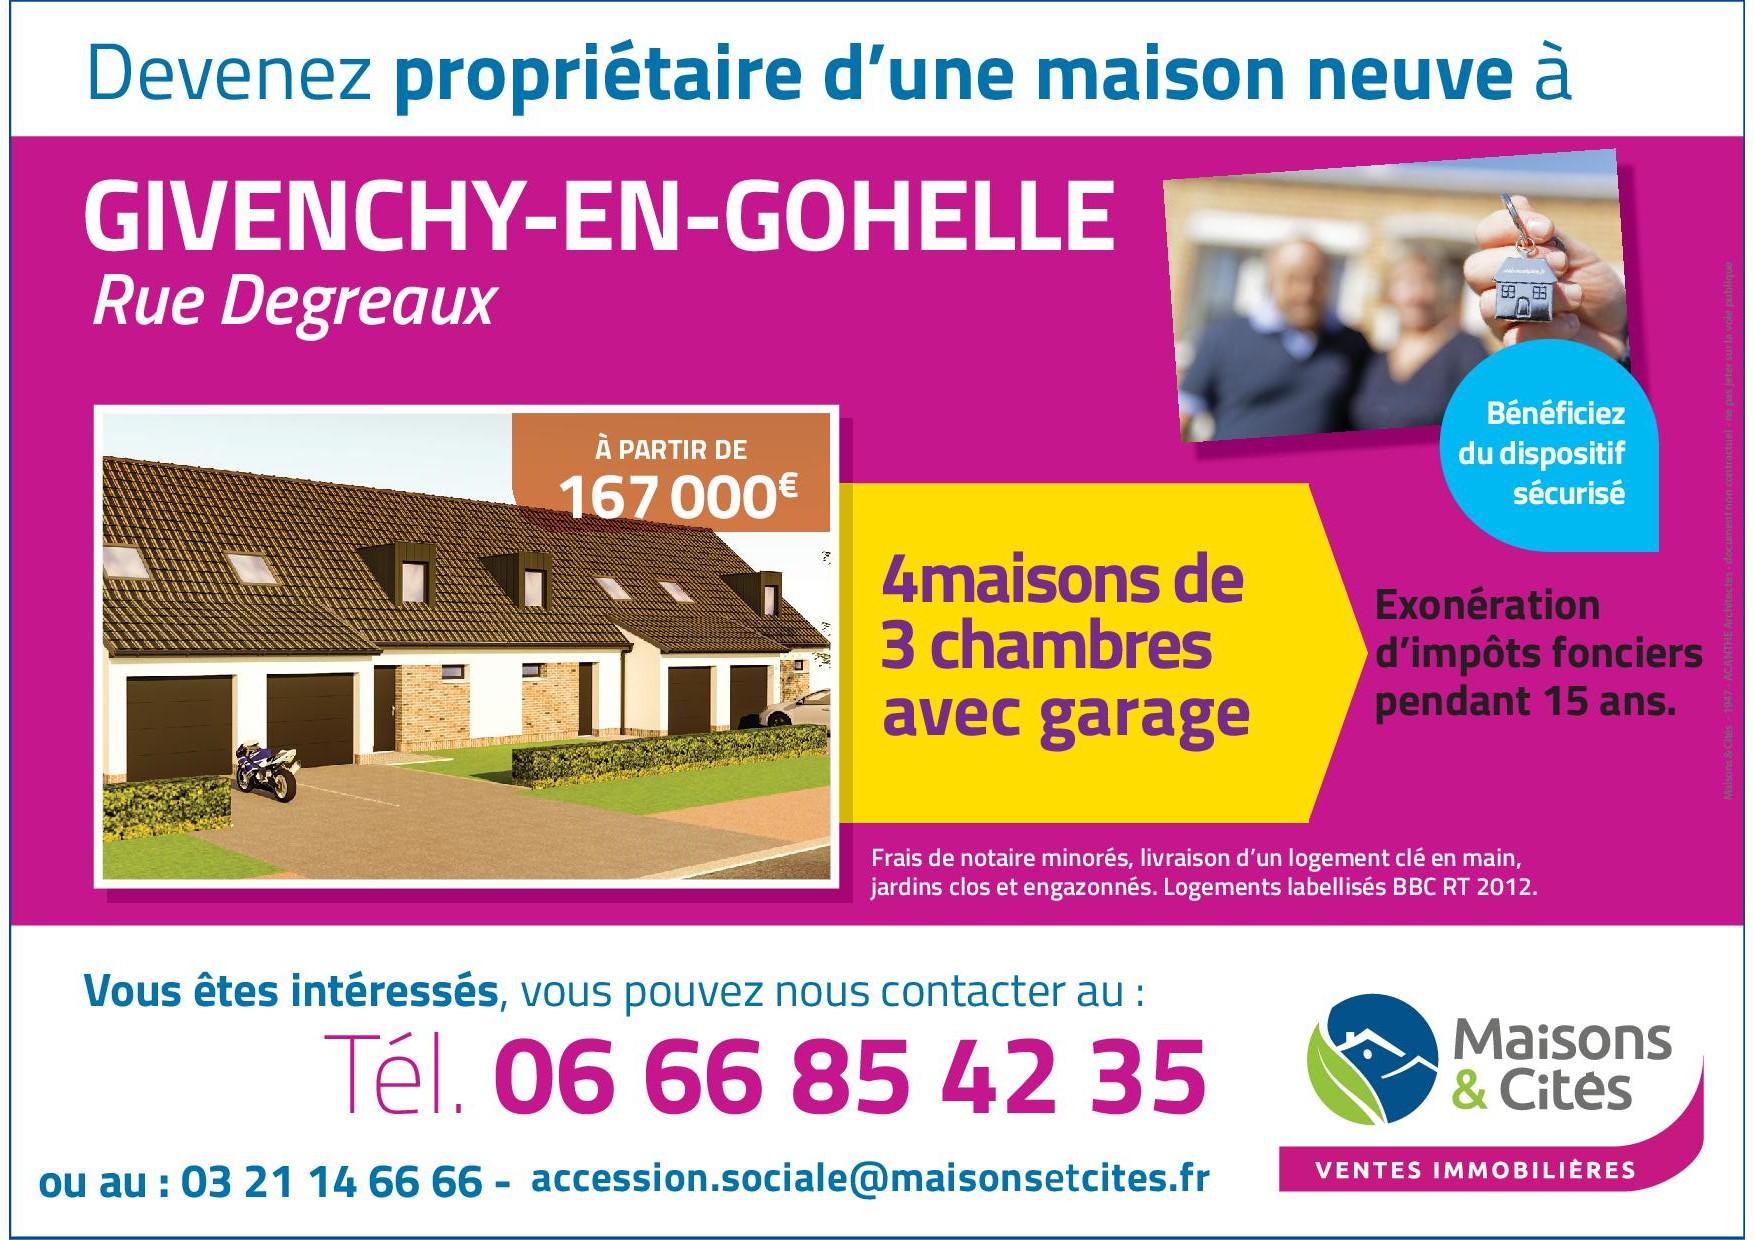 GIVENCHY-EN-GOHELLE- Rue DEGREAUX